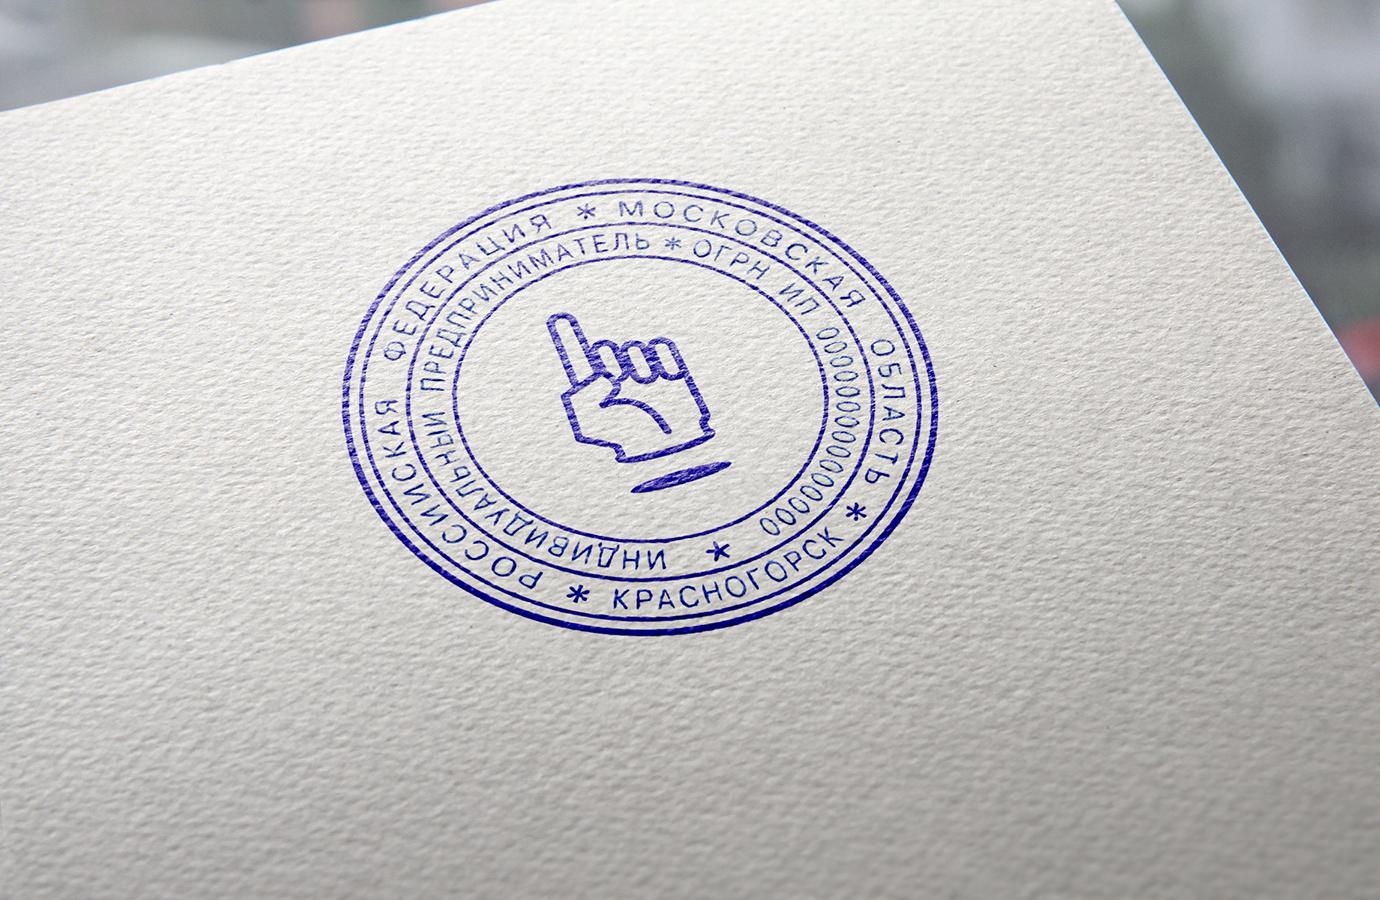 Разработать логотип + визитку + логотип для печати ООО +++ фото f_886554778ab3b3e0.jpg